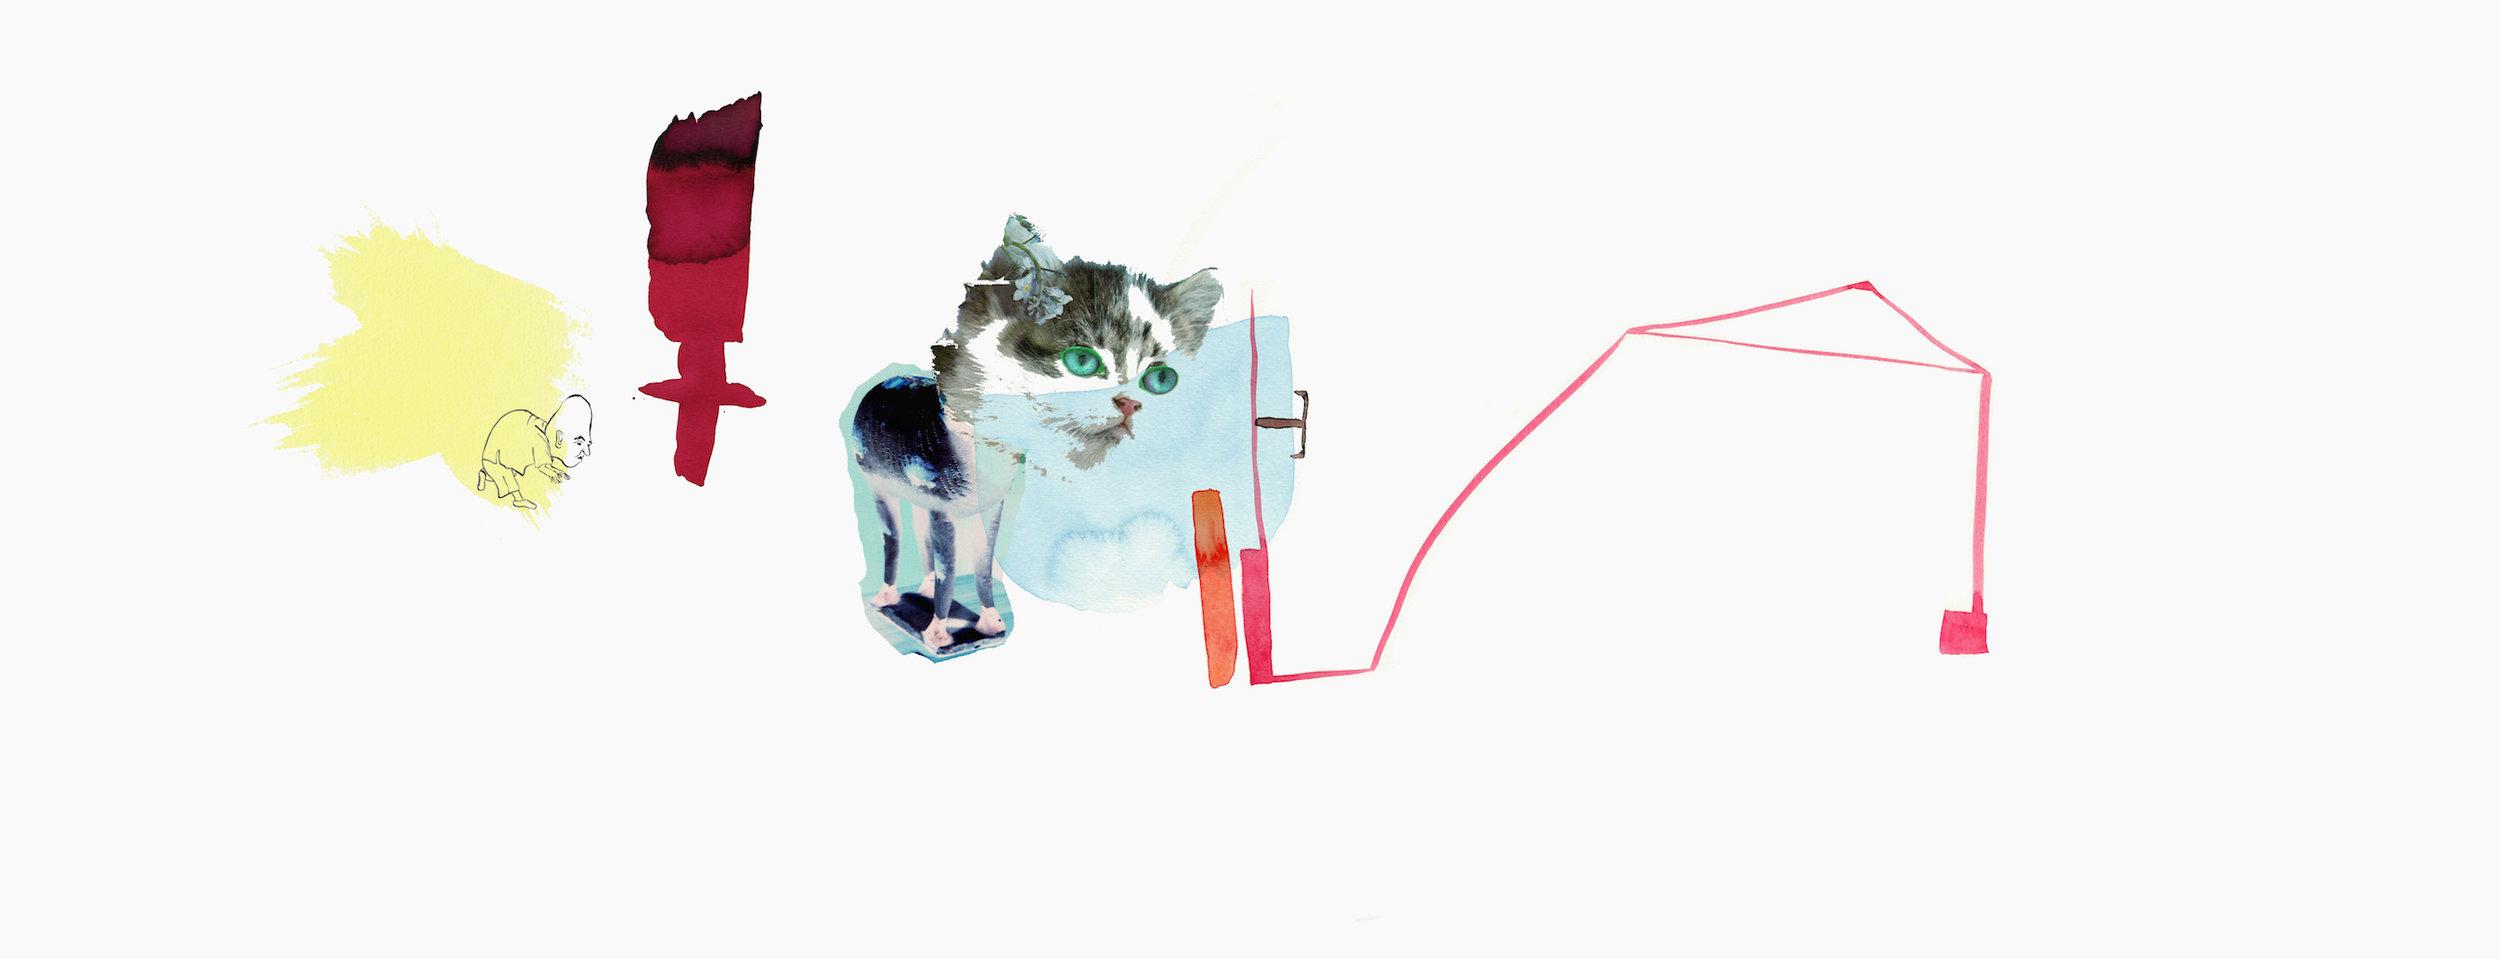 Kim L Pace, Feline Arena (Summer,) archival pigment print on watercolor paper, 39x15, unique